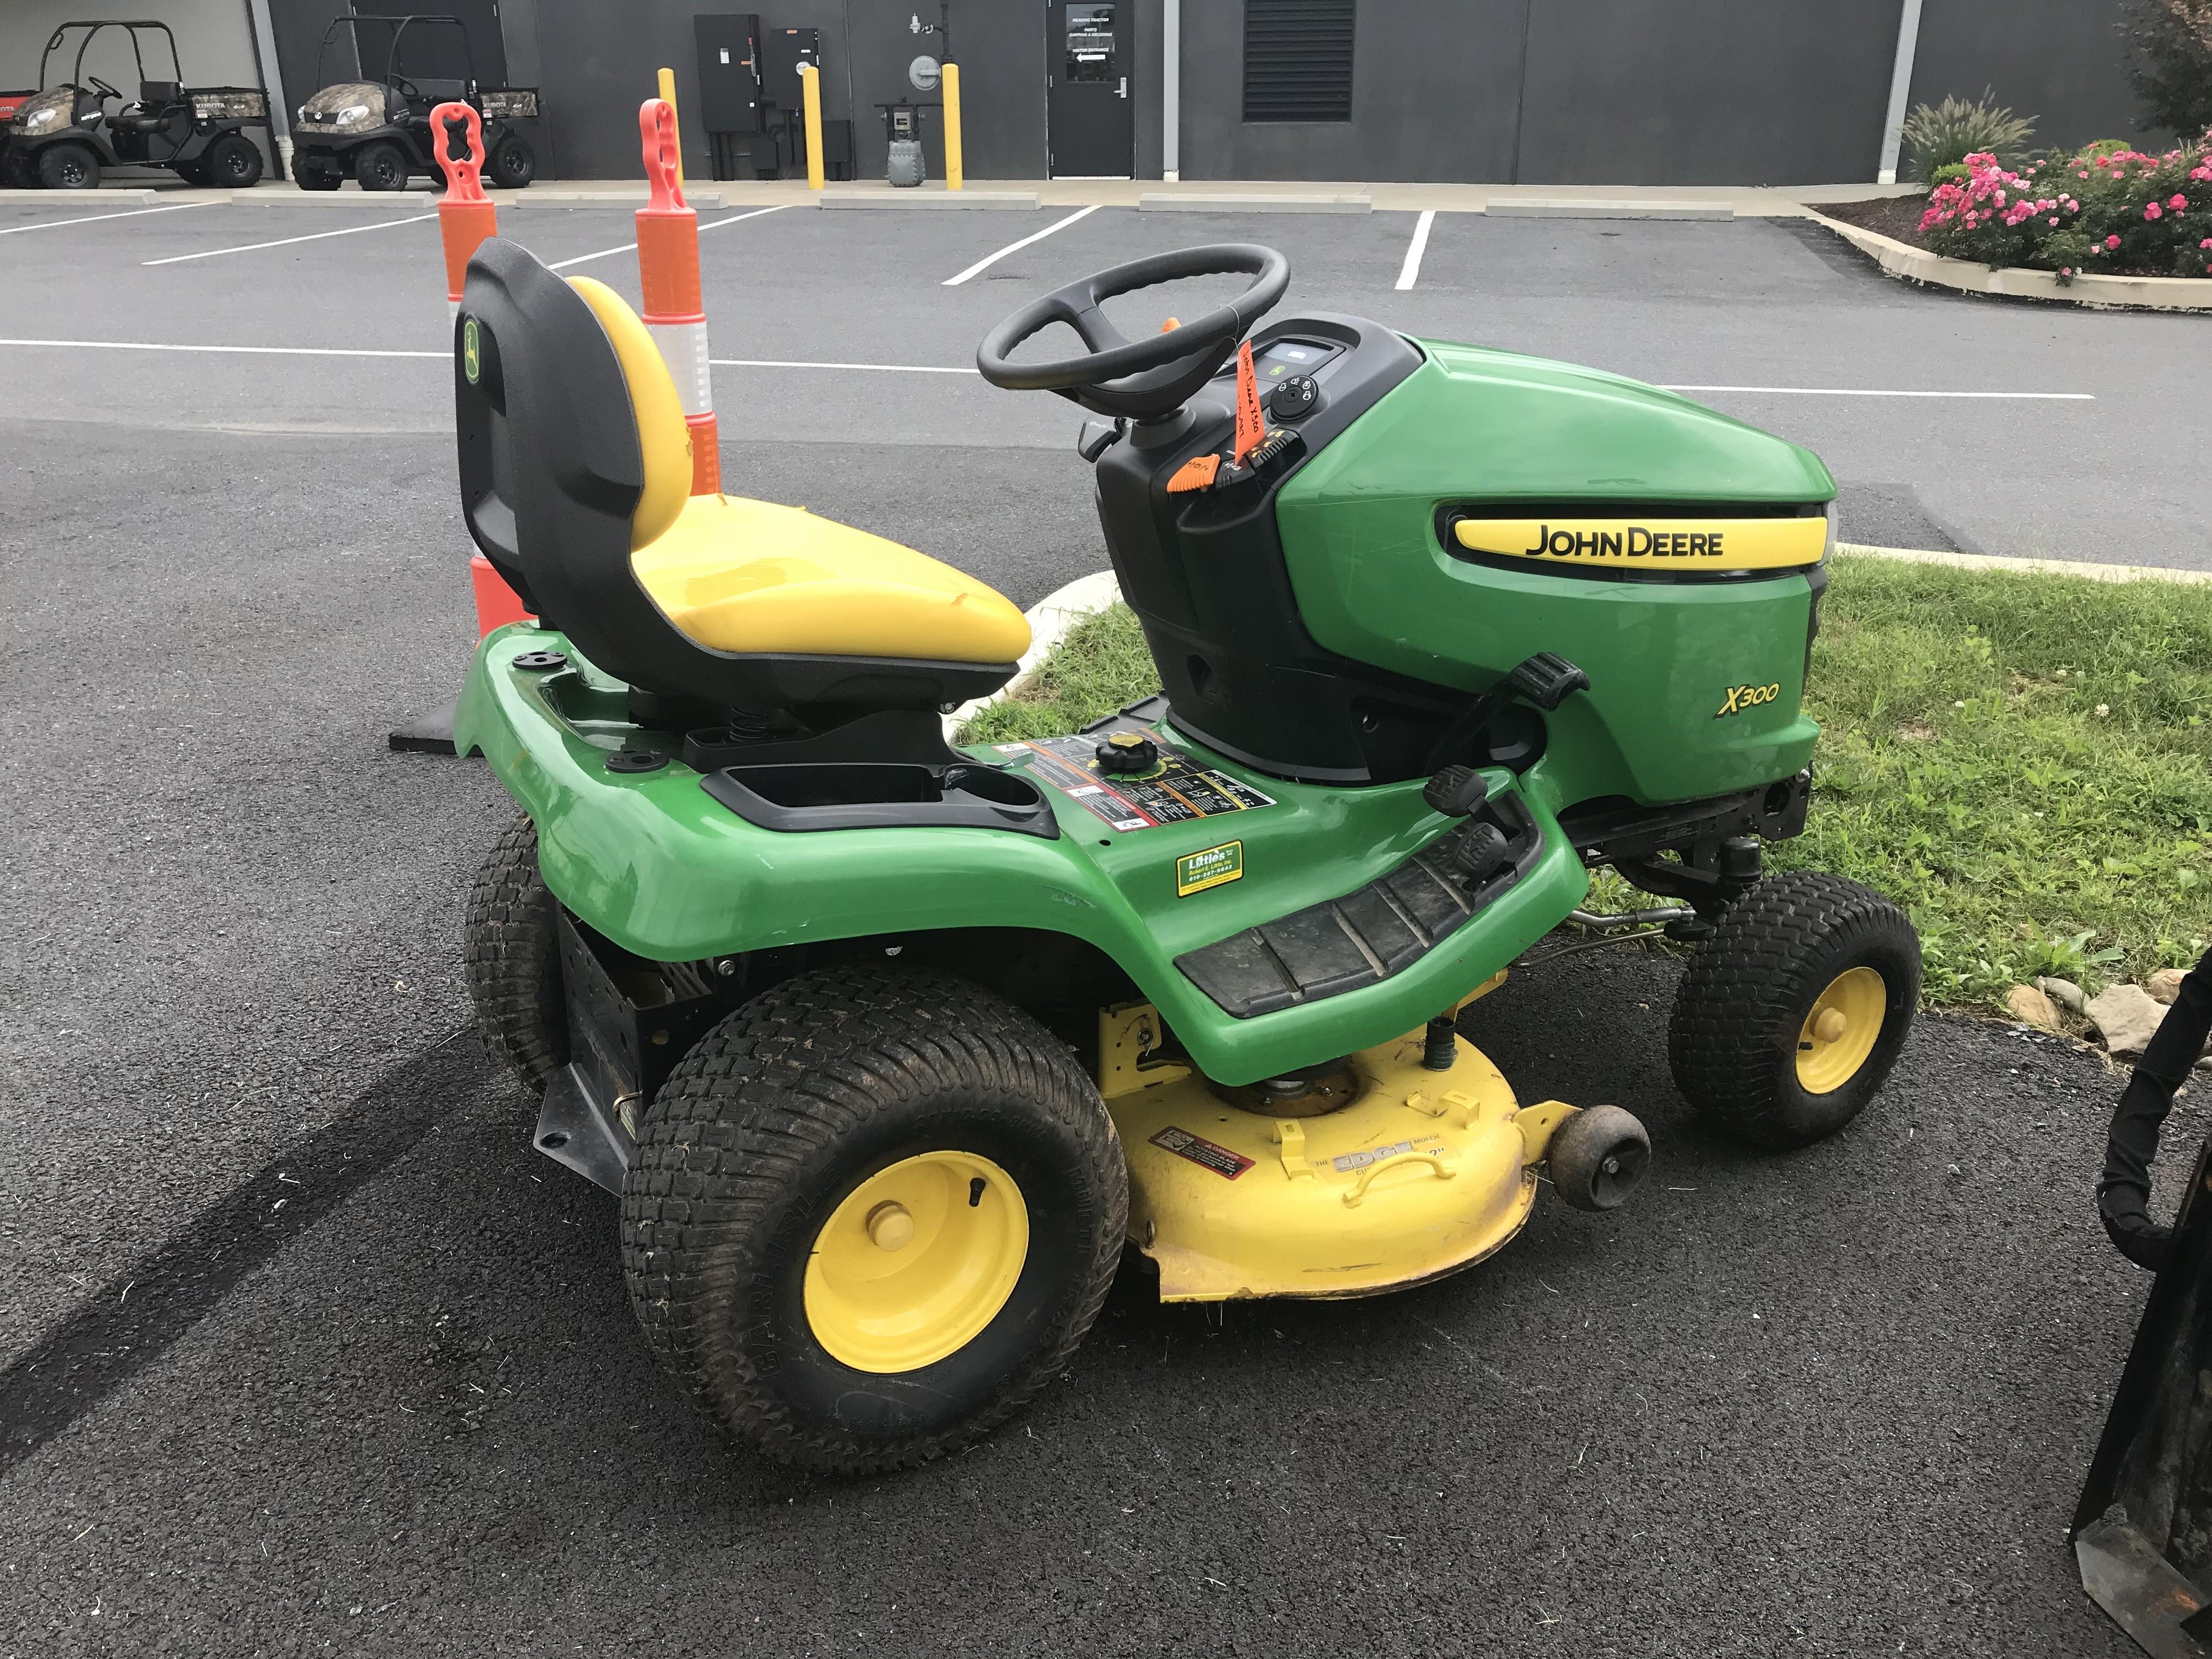 Used John Deere X300 (42 in ) in Leesport, PA